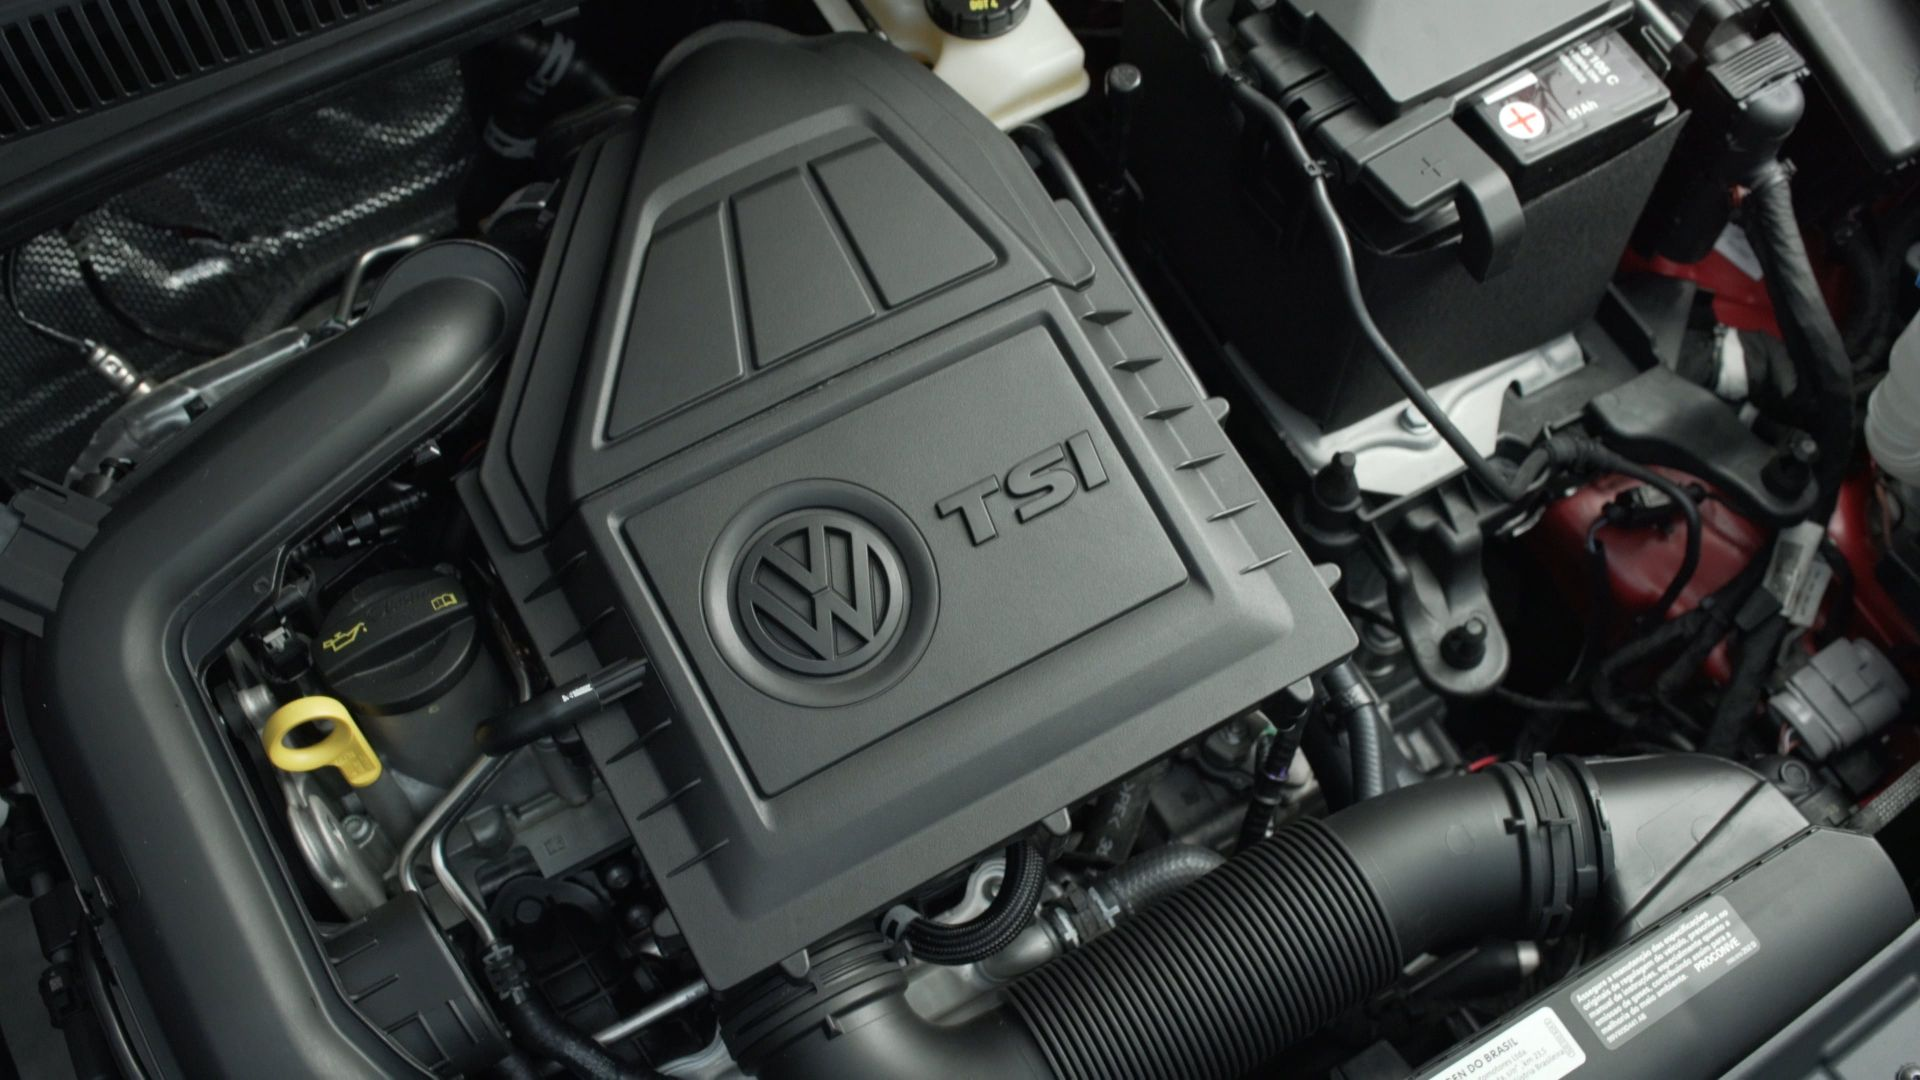 Volkswagen Nivus (T-Sport) moteur flexfuel